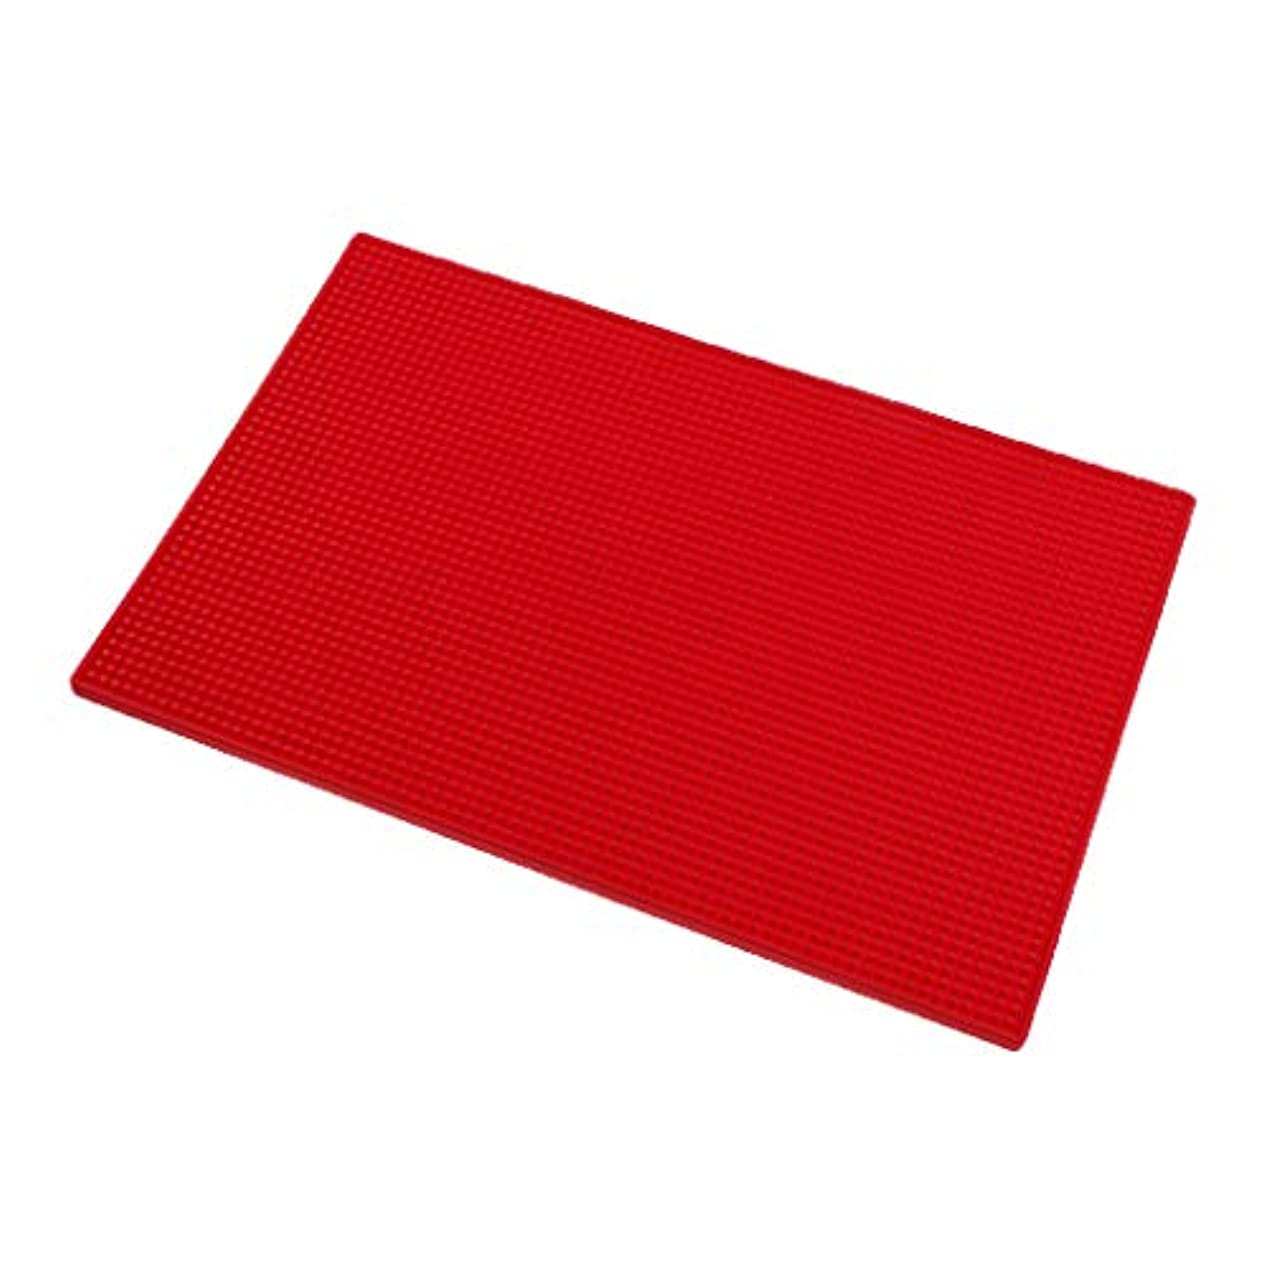 造船薄暗い支援するP Prettyia クッション シリコンマット ネイルアート ハンドレスト マニキュアツール 全3色 - 赤